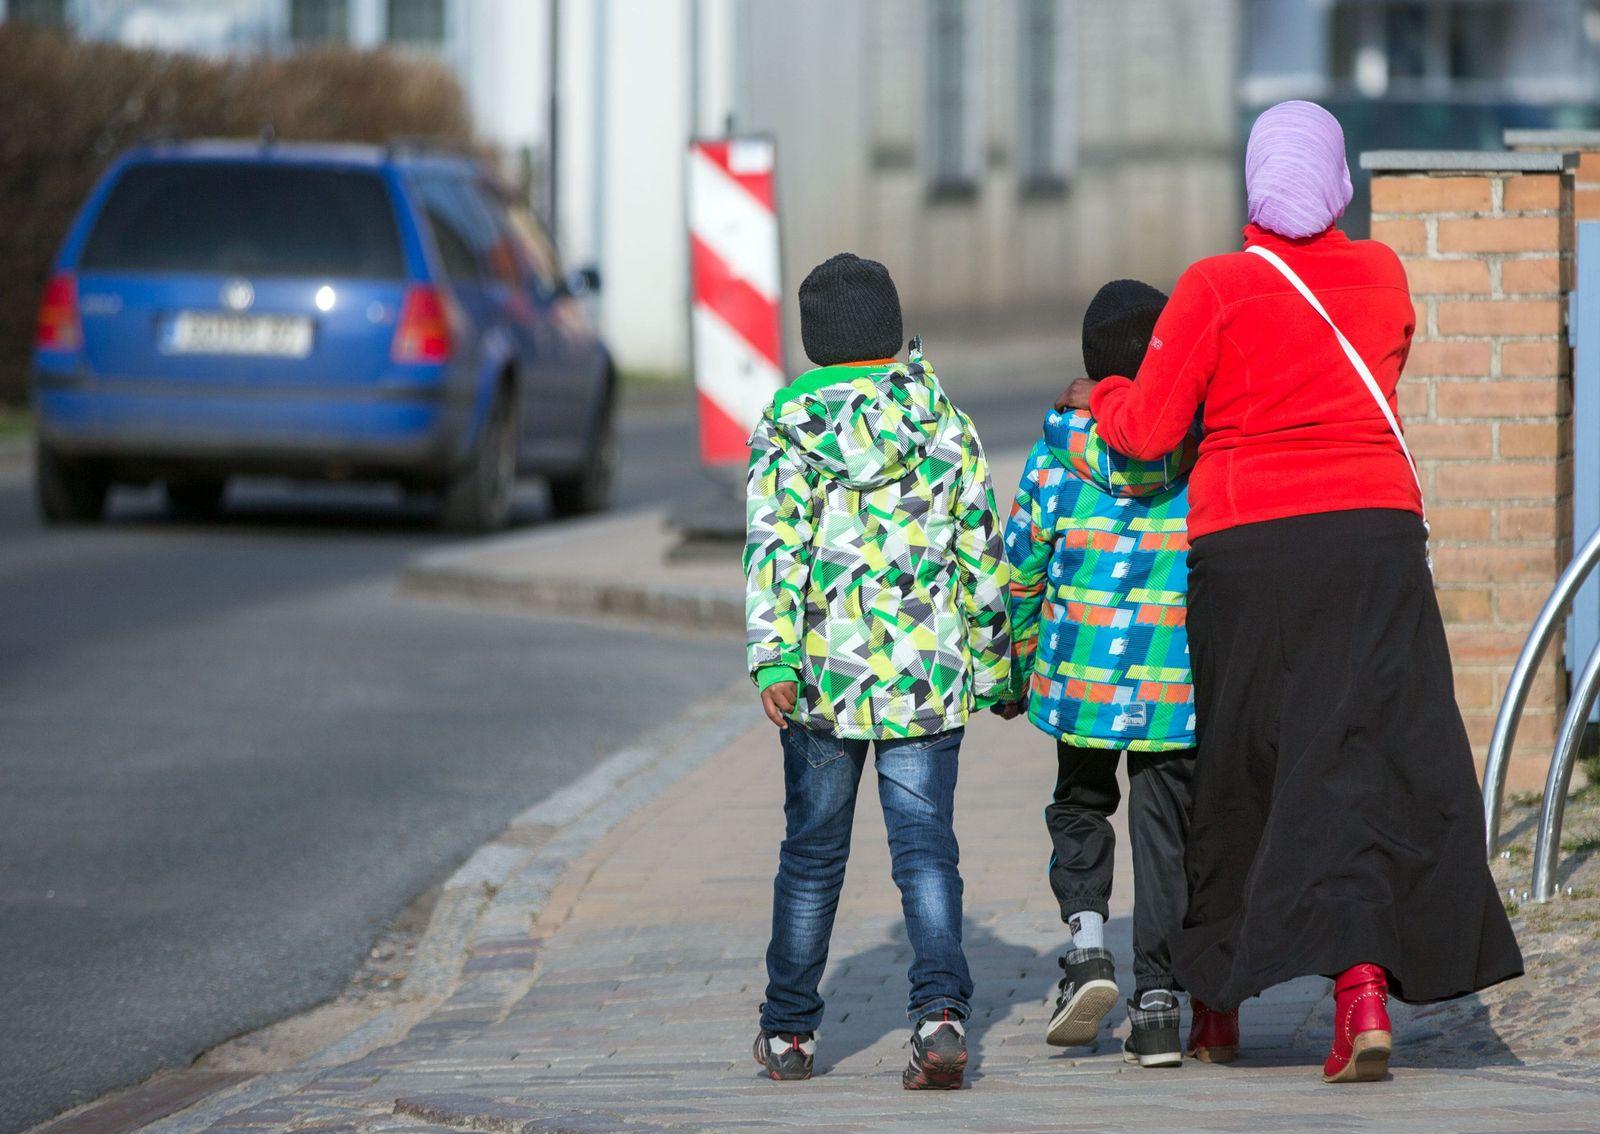 Kleinstadt engagiert sich für Asylbewerber